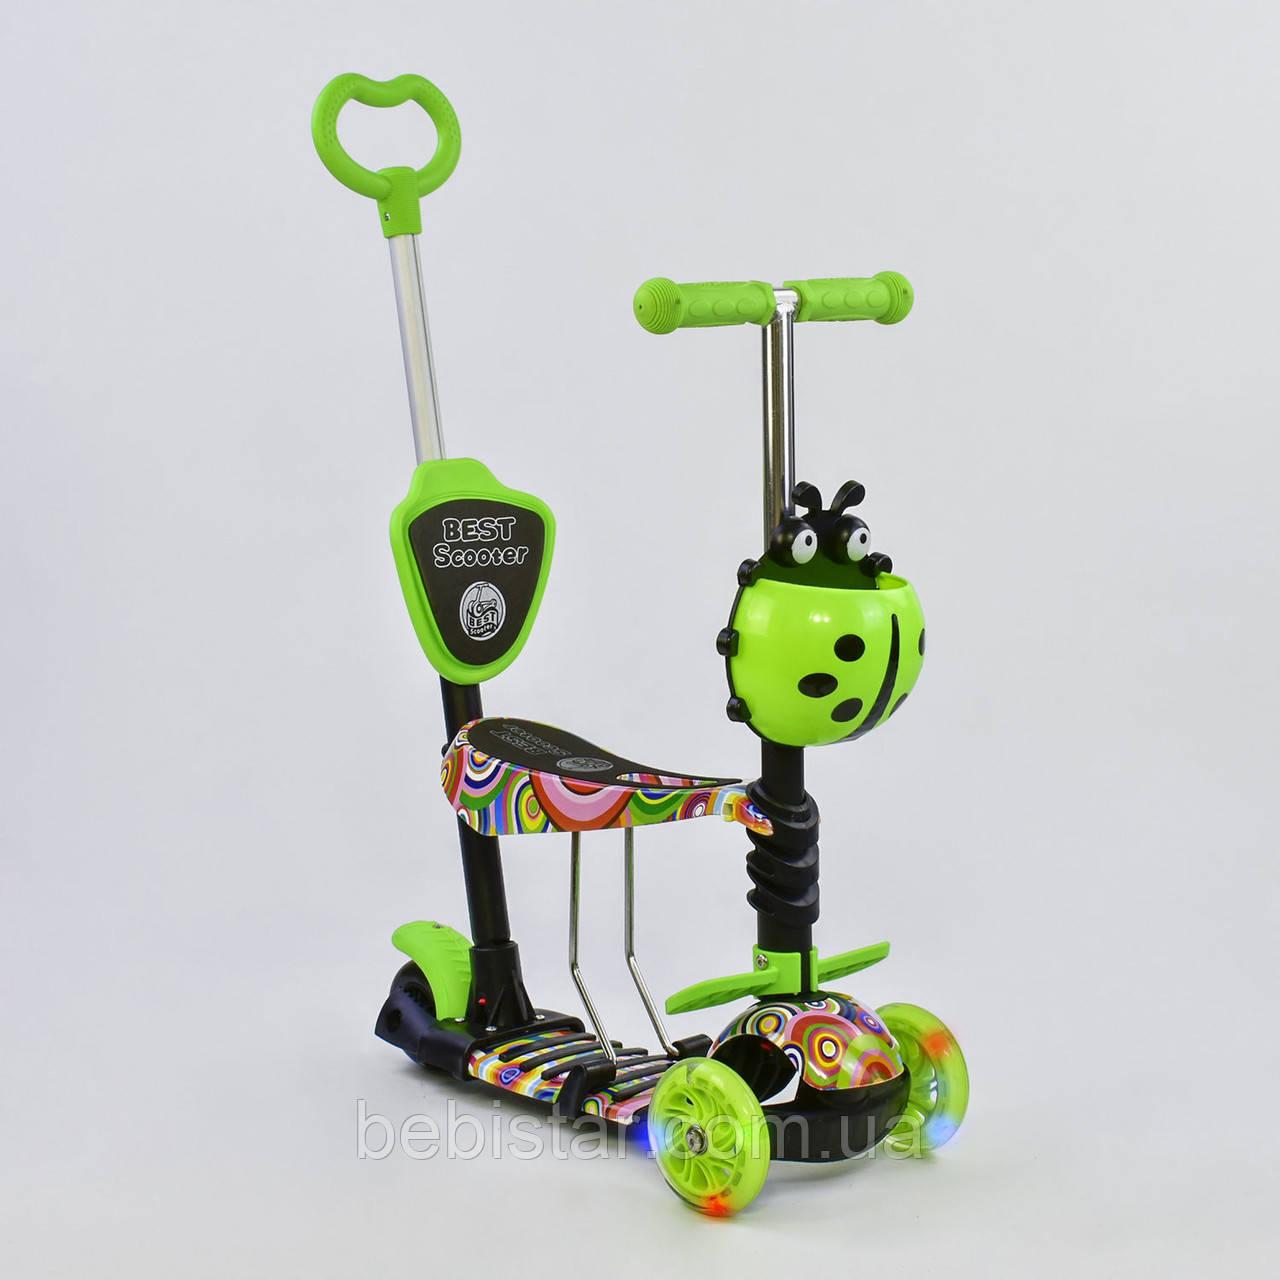 Самокат трехколесный Best Scooter 5в1 салатовый с абстракцией и светящимися колесами деткам от 1 года